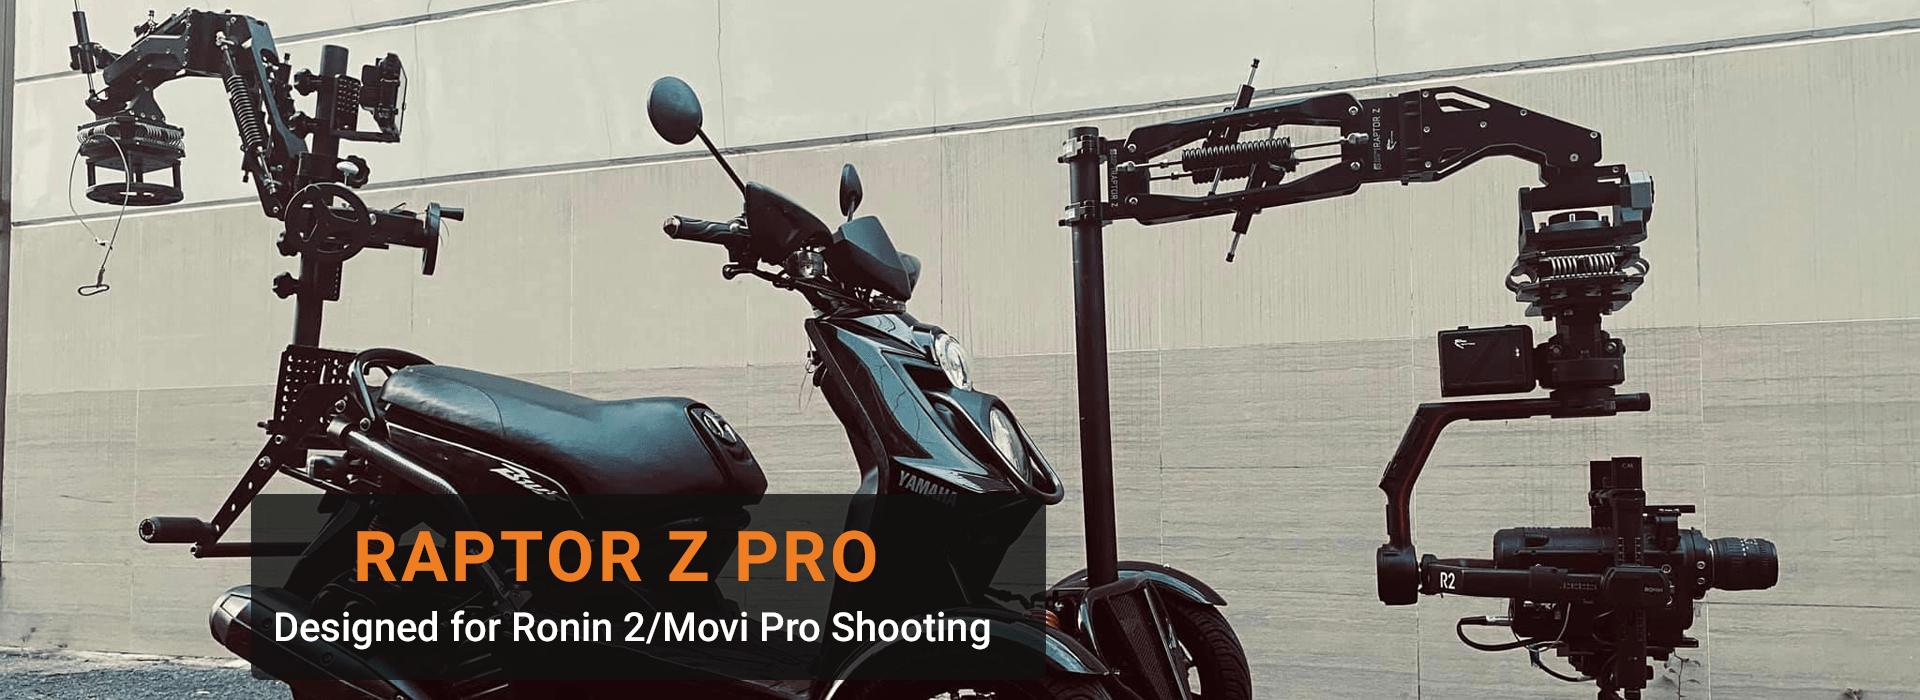 Raptor Z Pro Website Banner